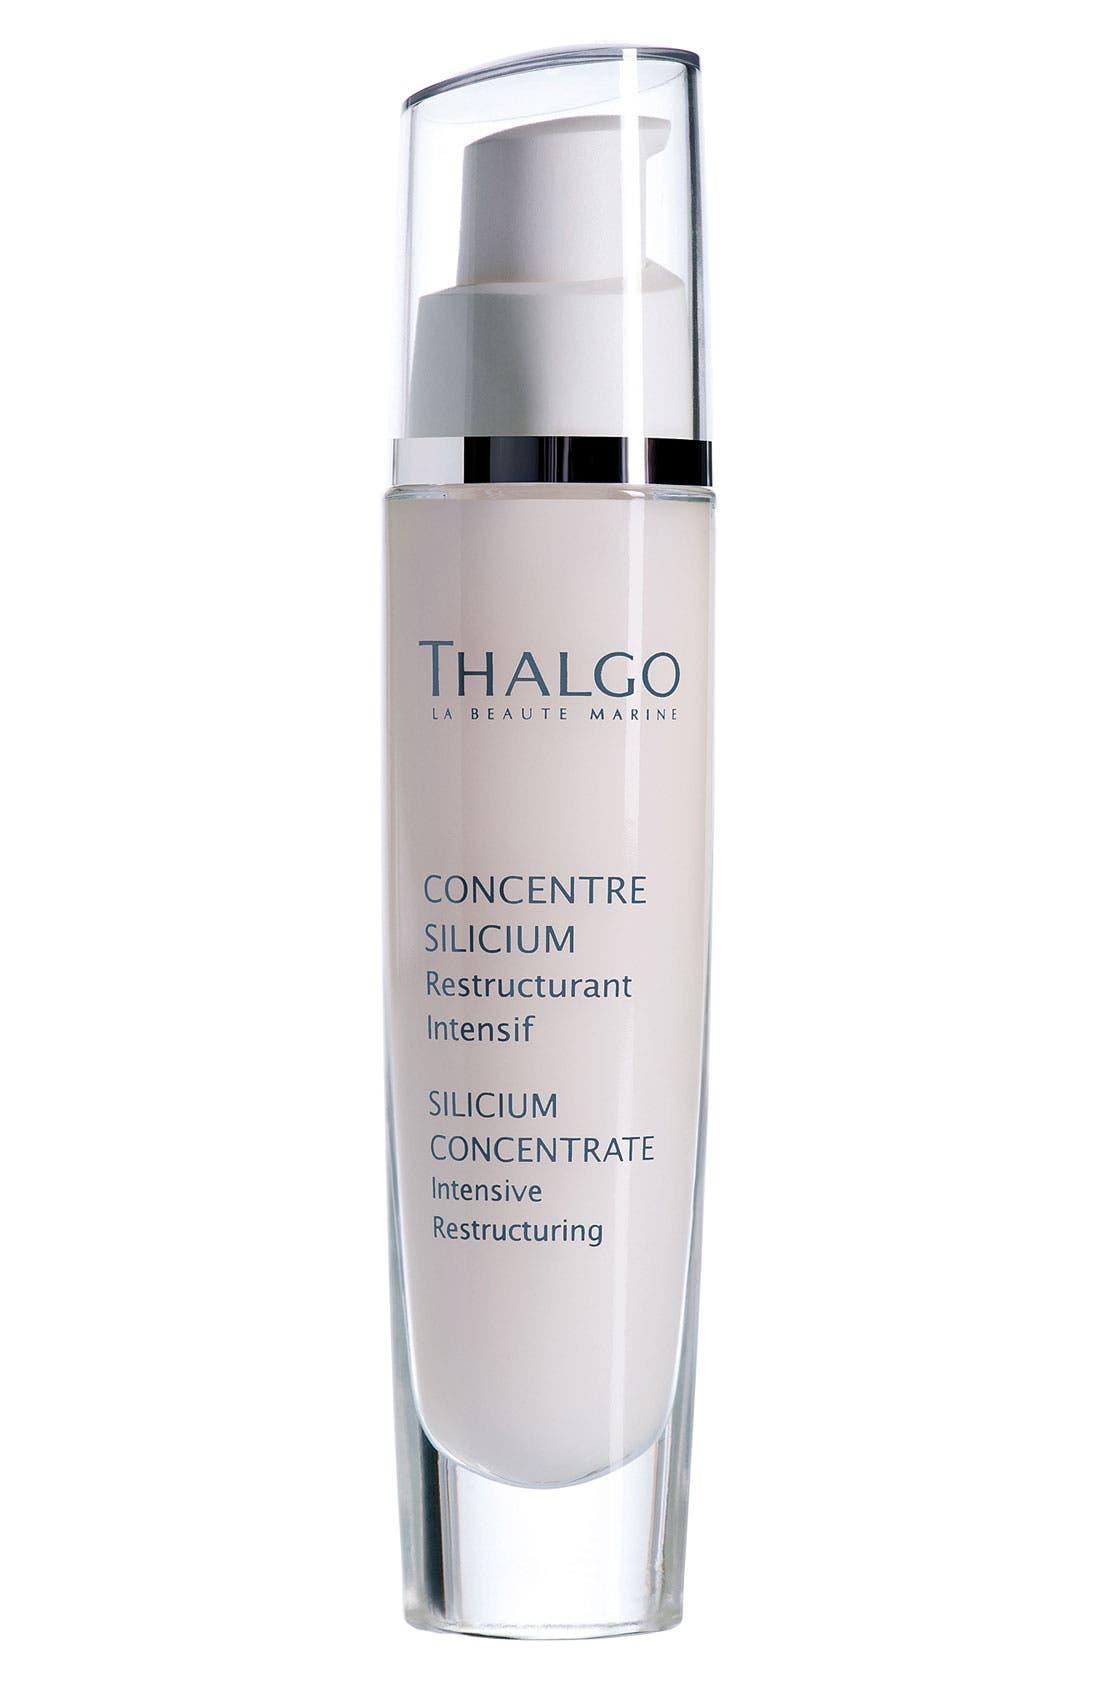 Thalgo Silicium Concentrate